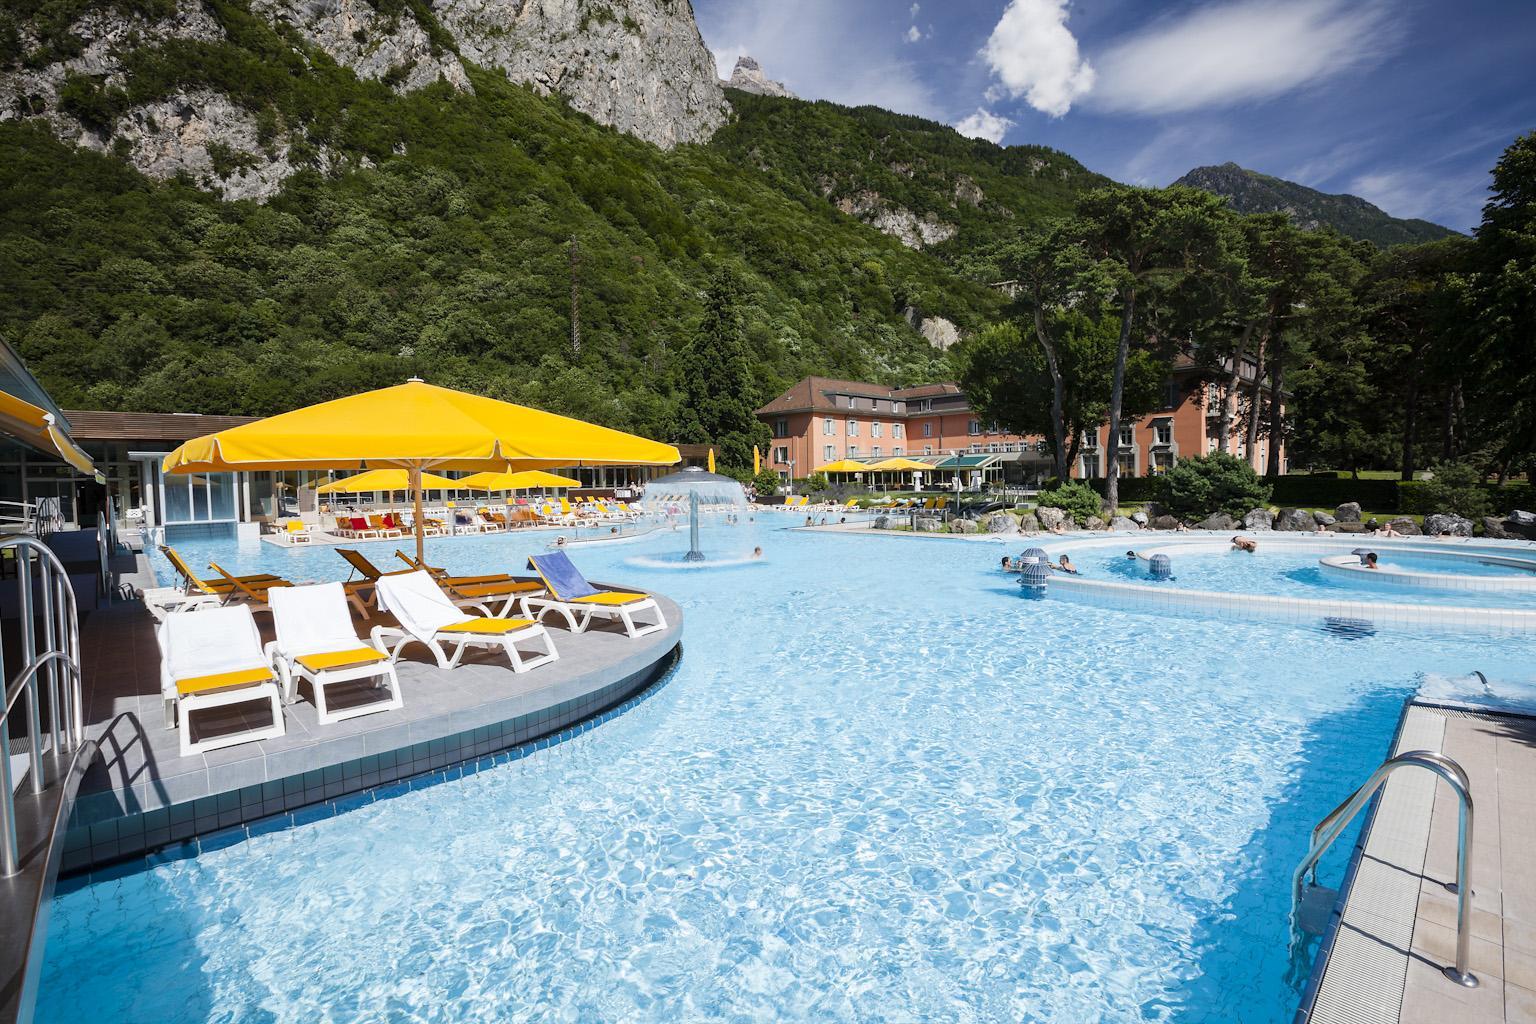 Lavey Les Bains Thermal Spa Montreux Riviera